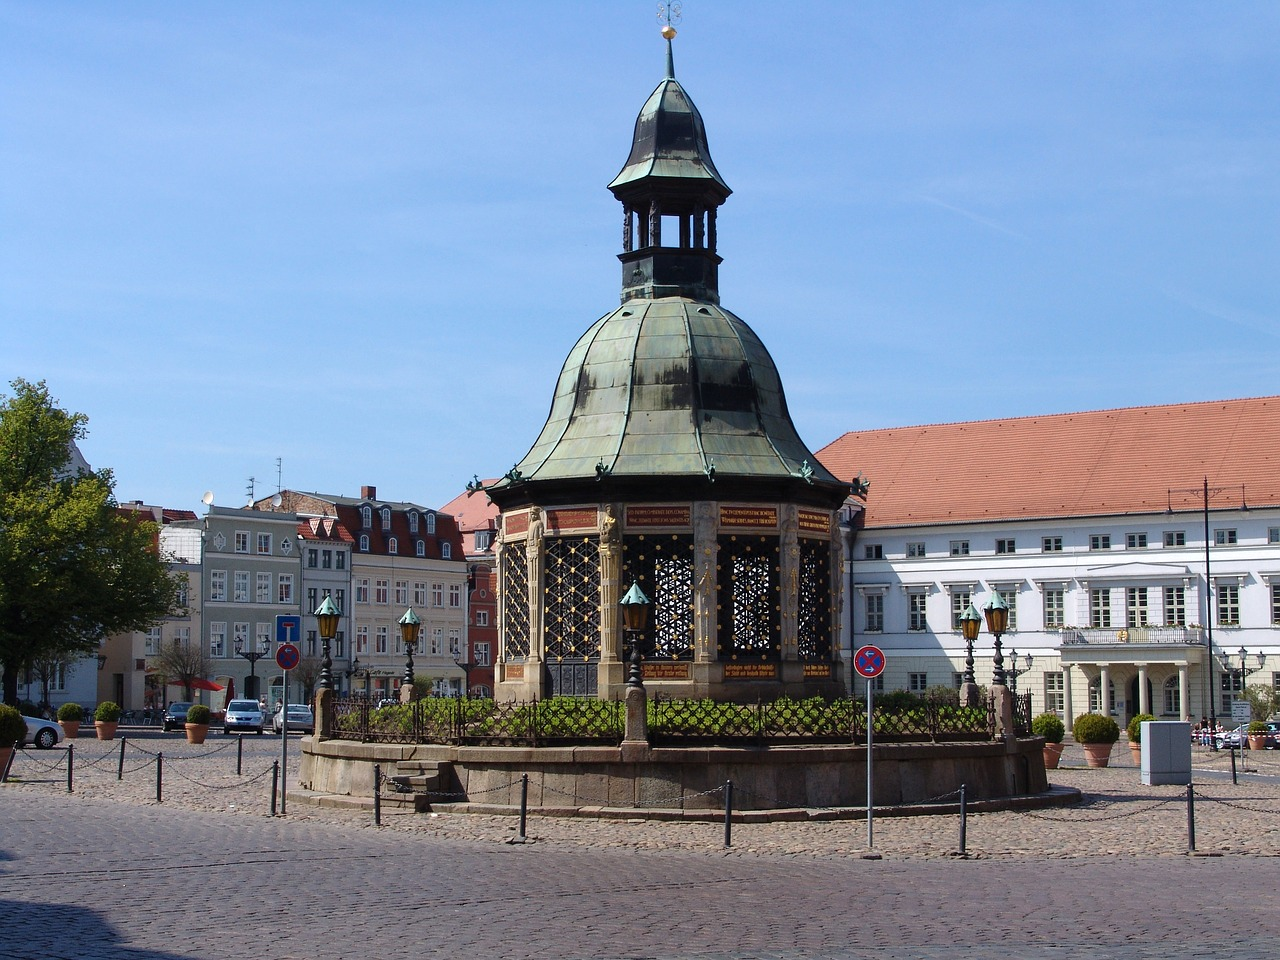 Politik-Posse um die Wahl des Bürgerschaftspräsidenten in Wismar